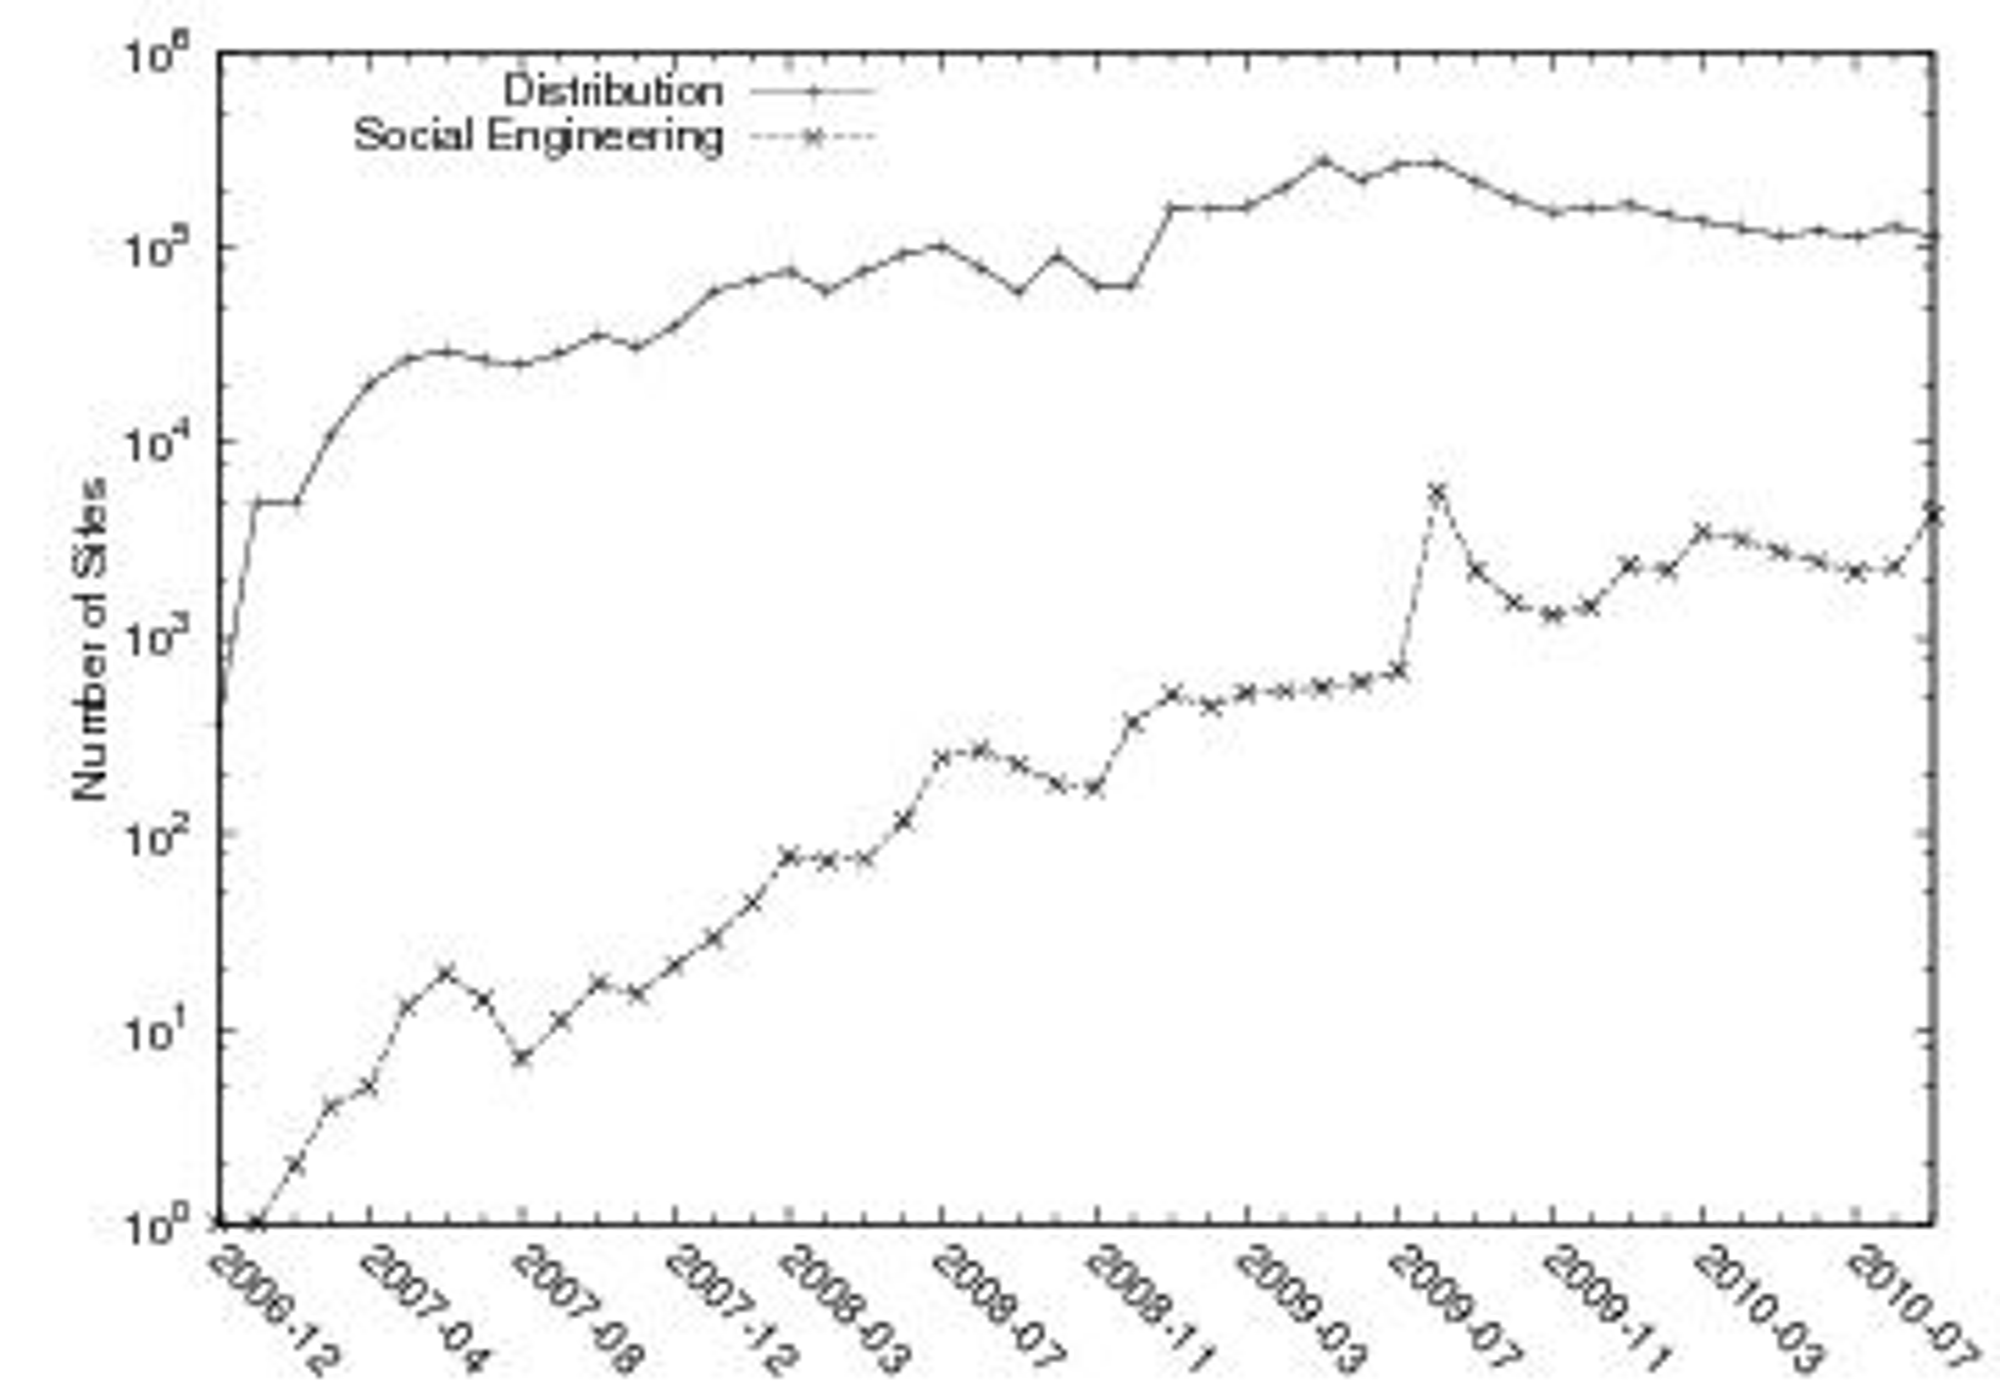 Antall nettsteder som sprer skadevare som benytter «social engineering», sammenlignet med det totale antallet som sprer skadevare. Vær oppmerksom på at den vertikale aksen benytter en logaritmisk skala.